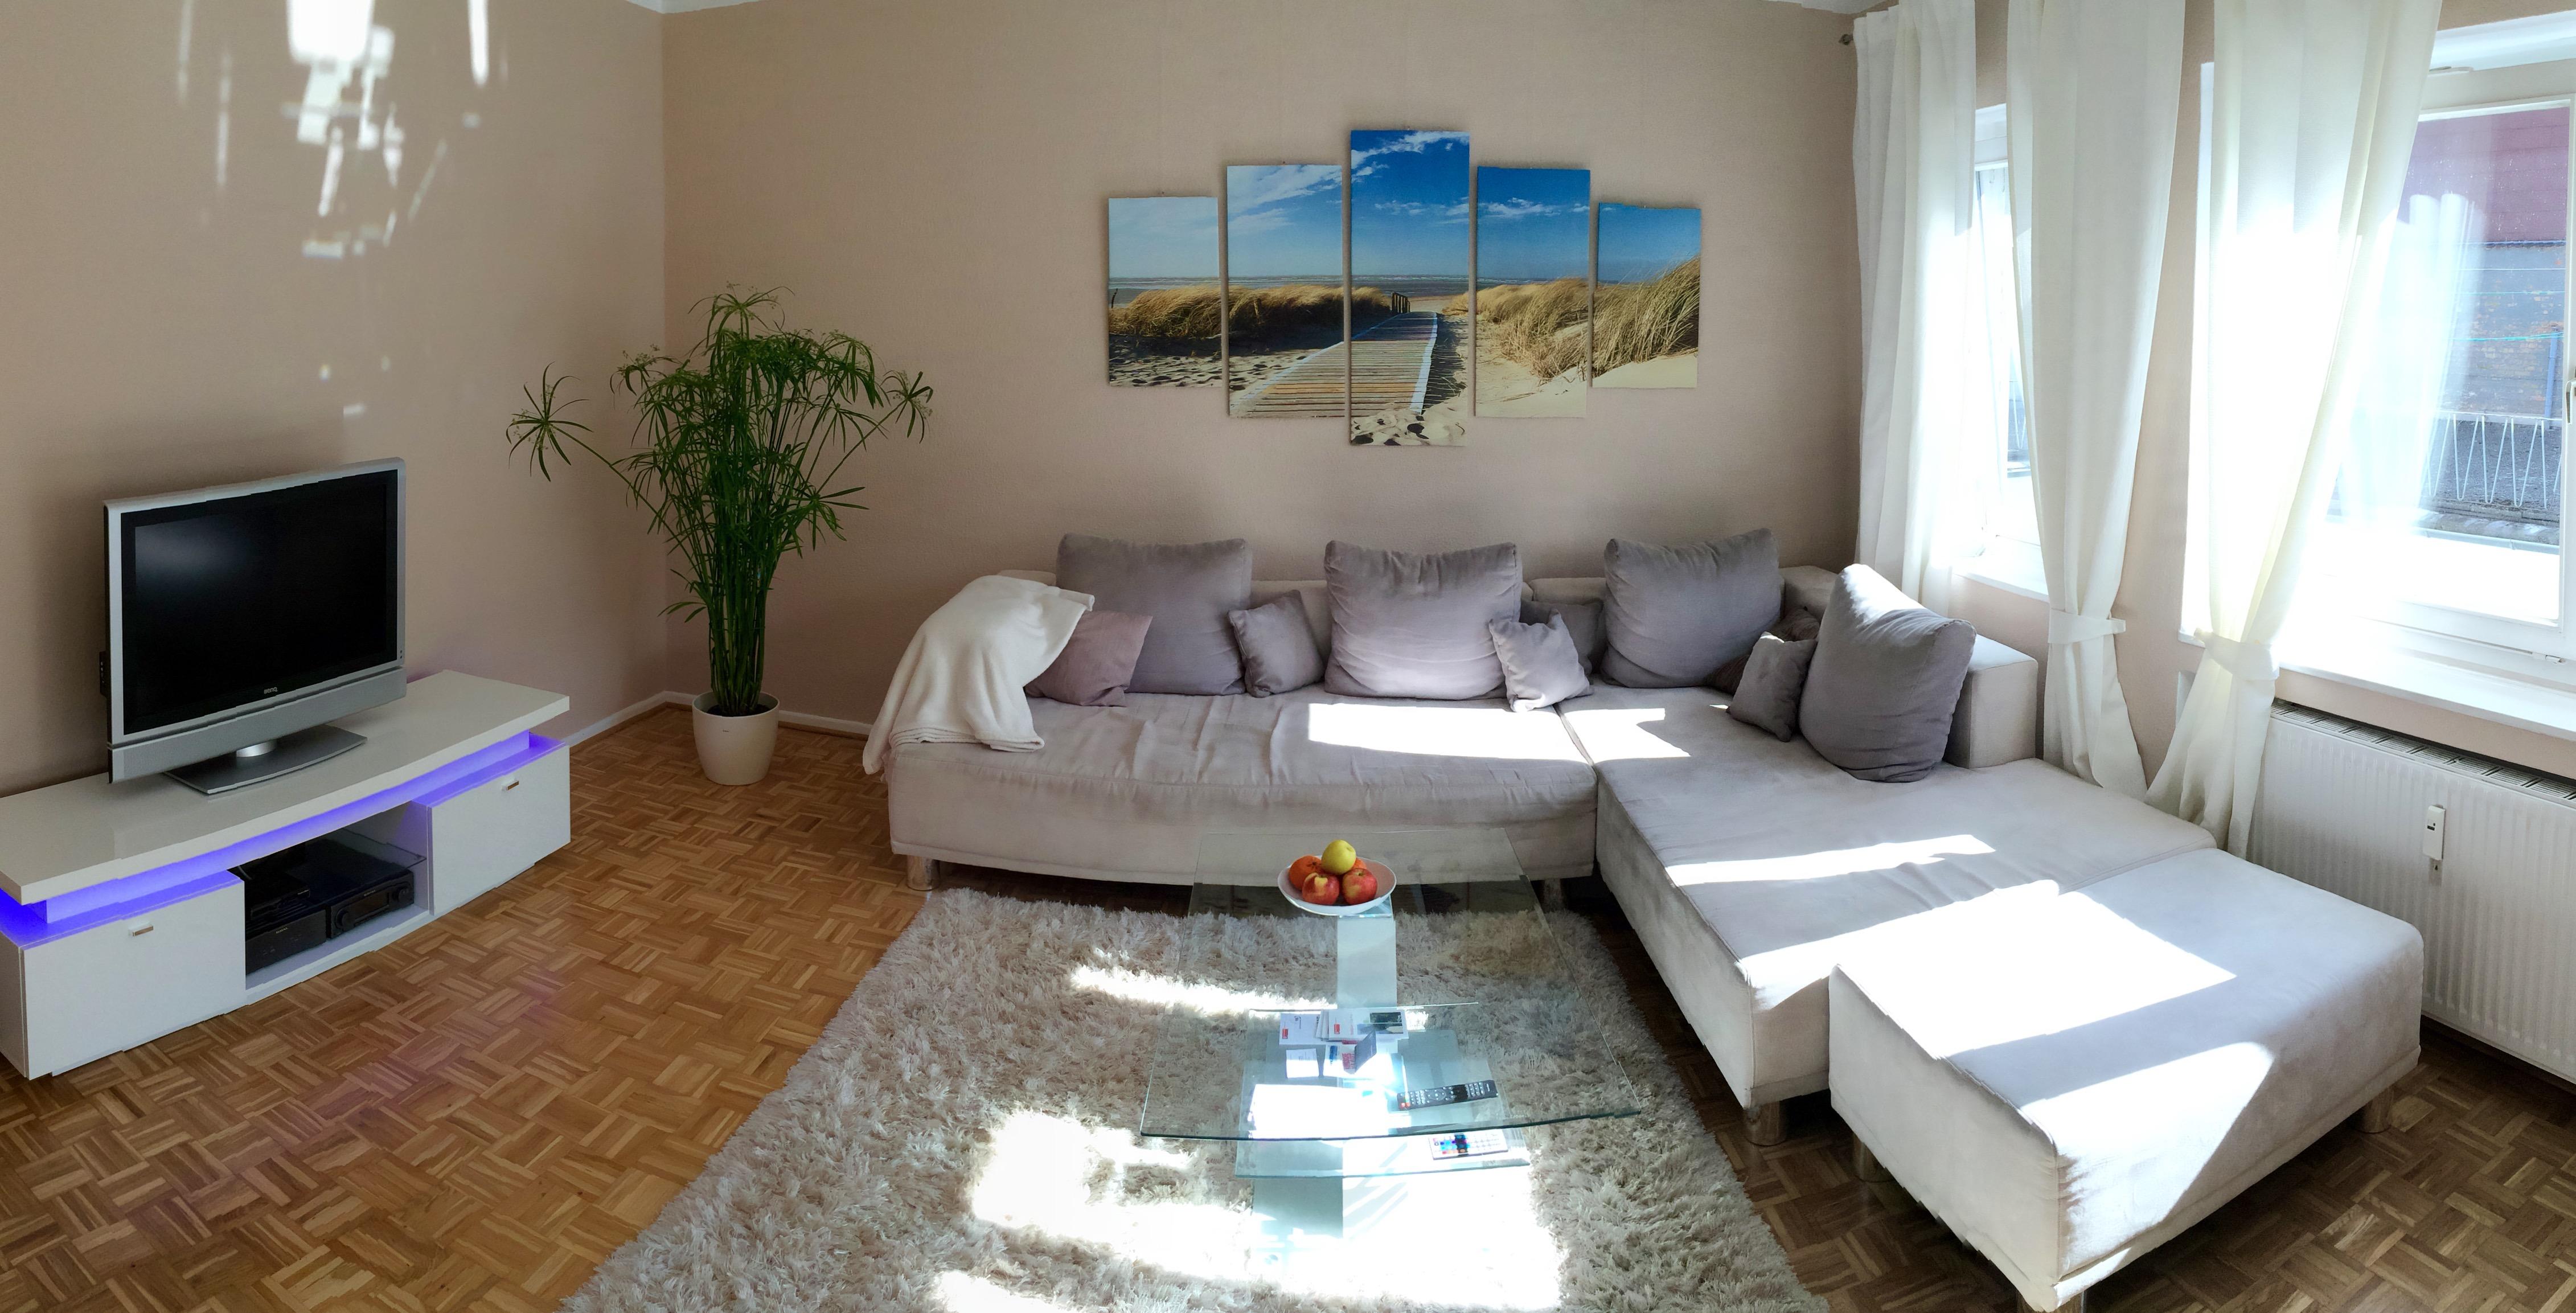 Wohnzimmer mit großer Couch, die sich auch in ein Bett verwandeln kann.